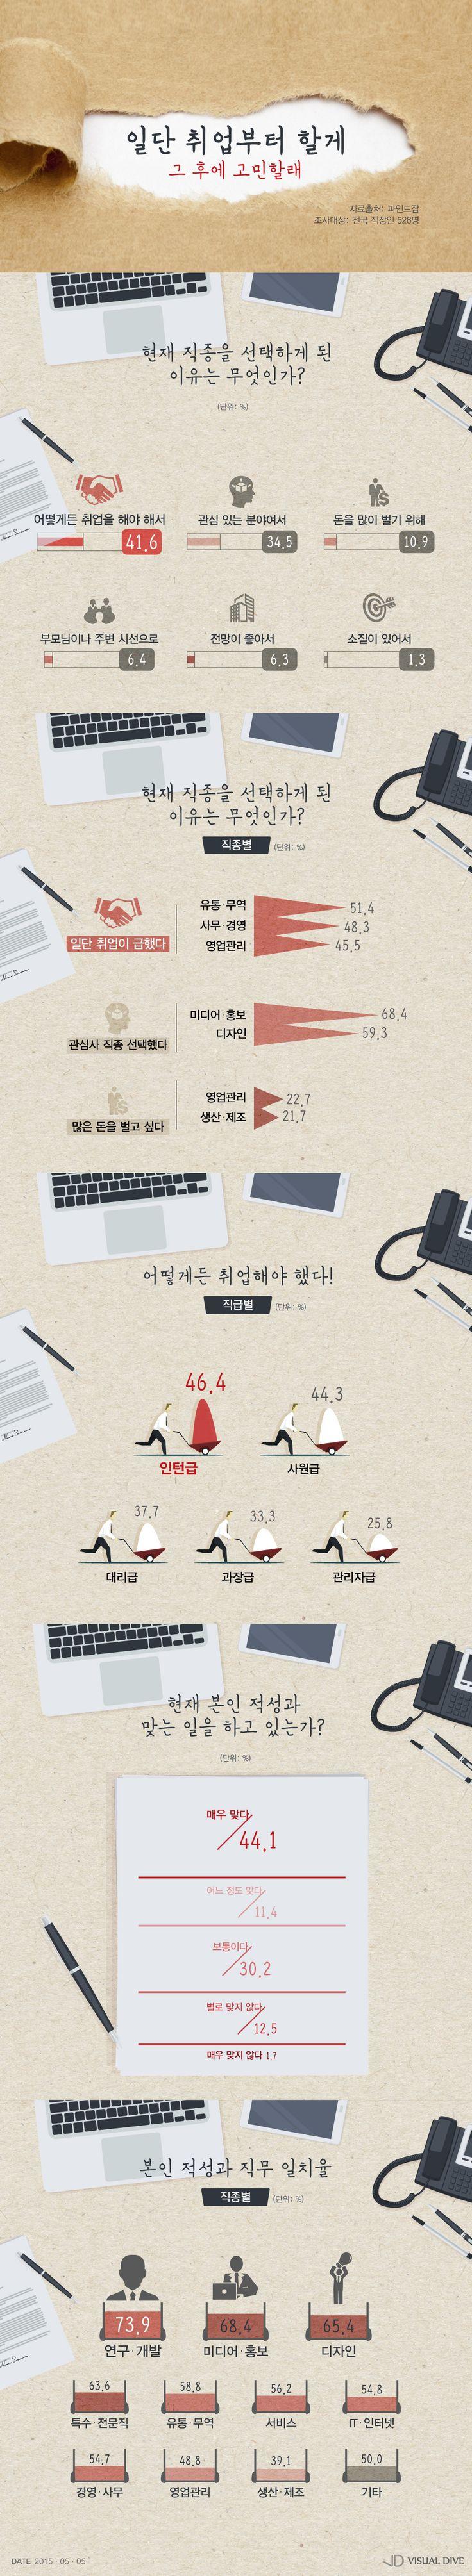 직장인 10명 중 4명, '취업 먼저, 직종고민은 나중' [인포그래픽] #office worker / #Infographic ⓒ 비주얼다이브 무단 복사·전재·재배포 금지